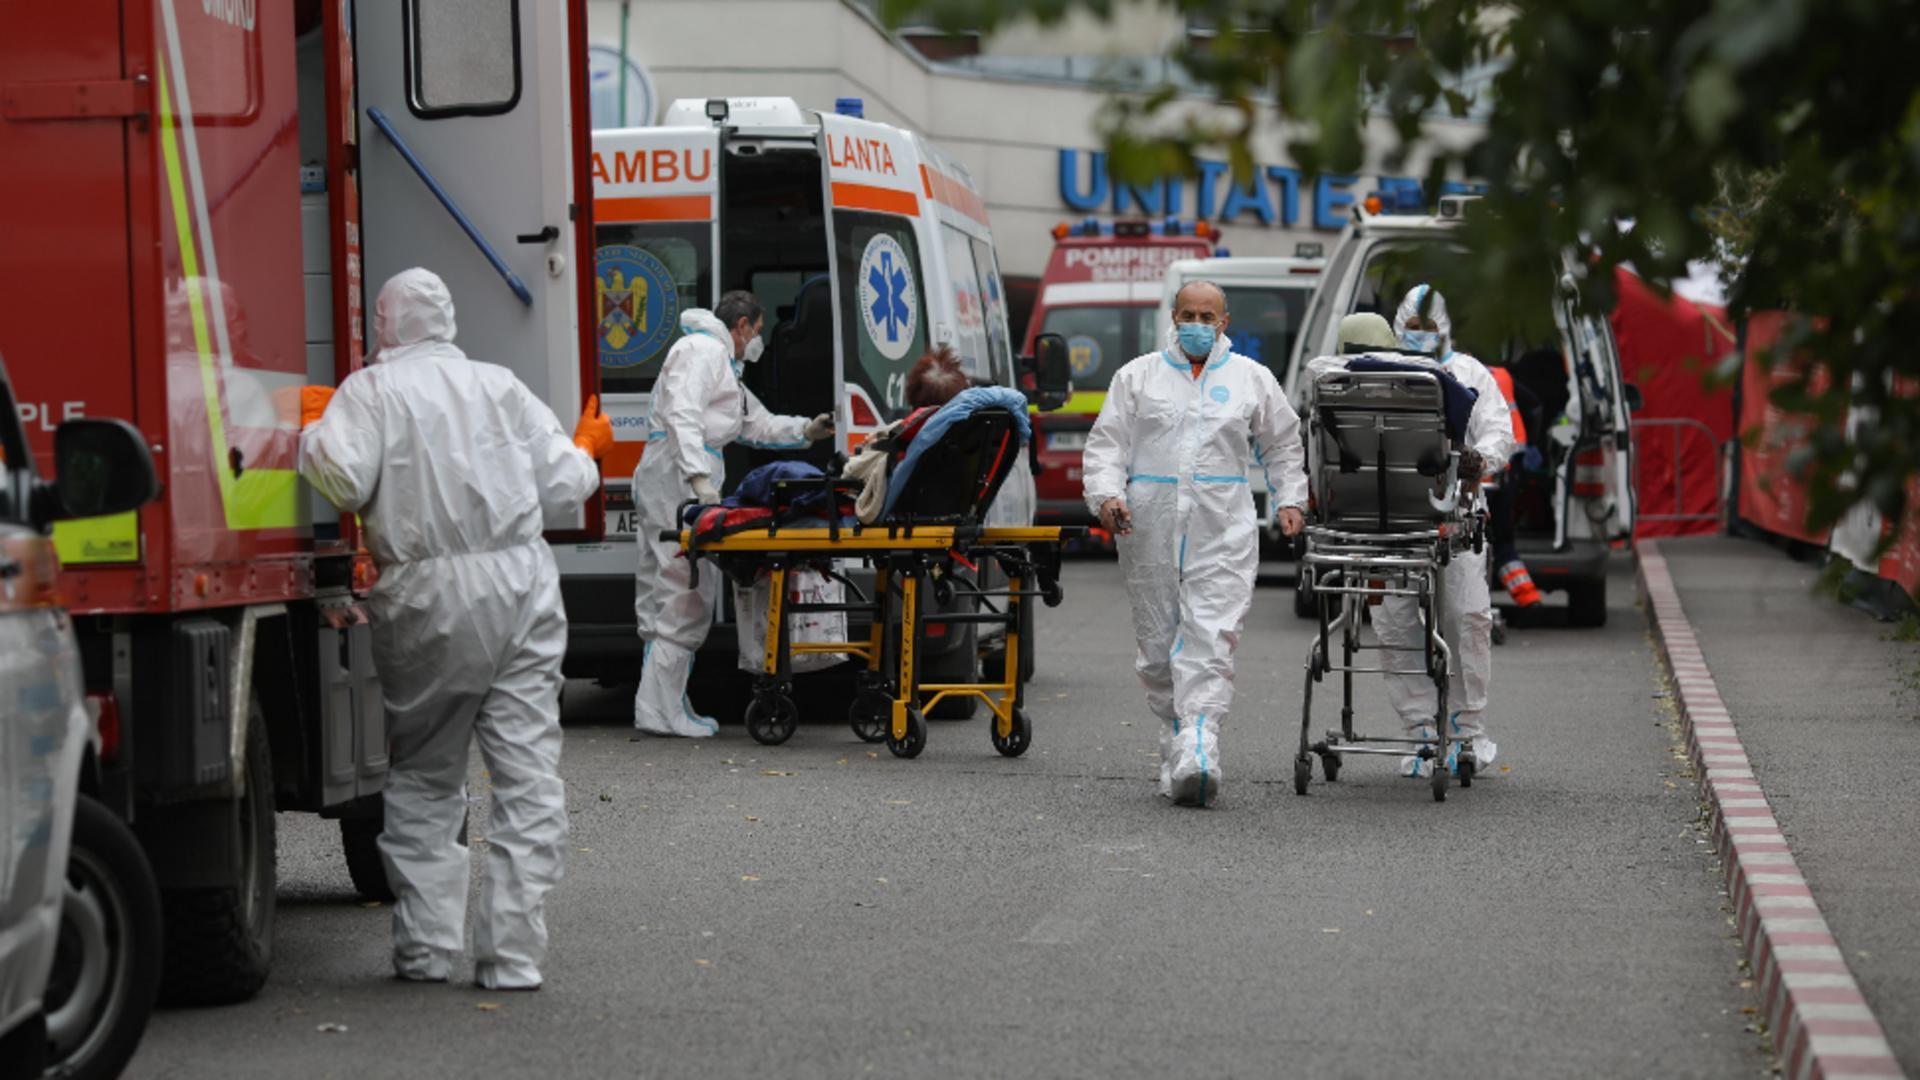 România nu mai face față crizei pandemice. Ungaria preia 50 de pacienți Covid-19